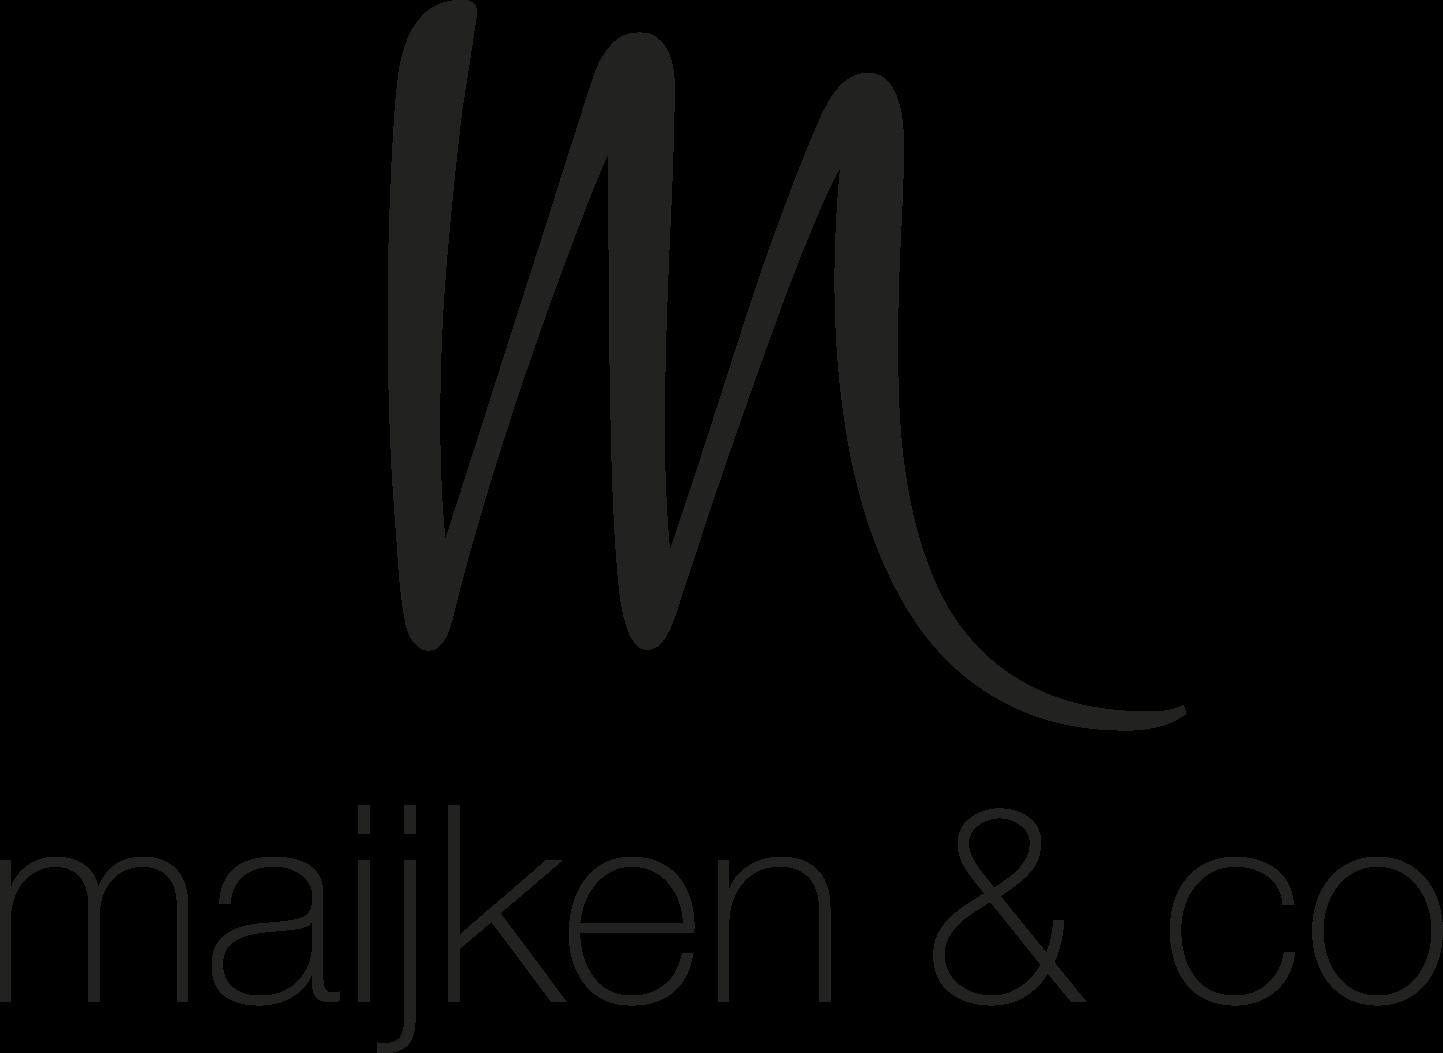 Maijken & Co